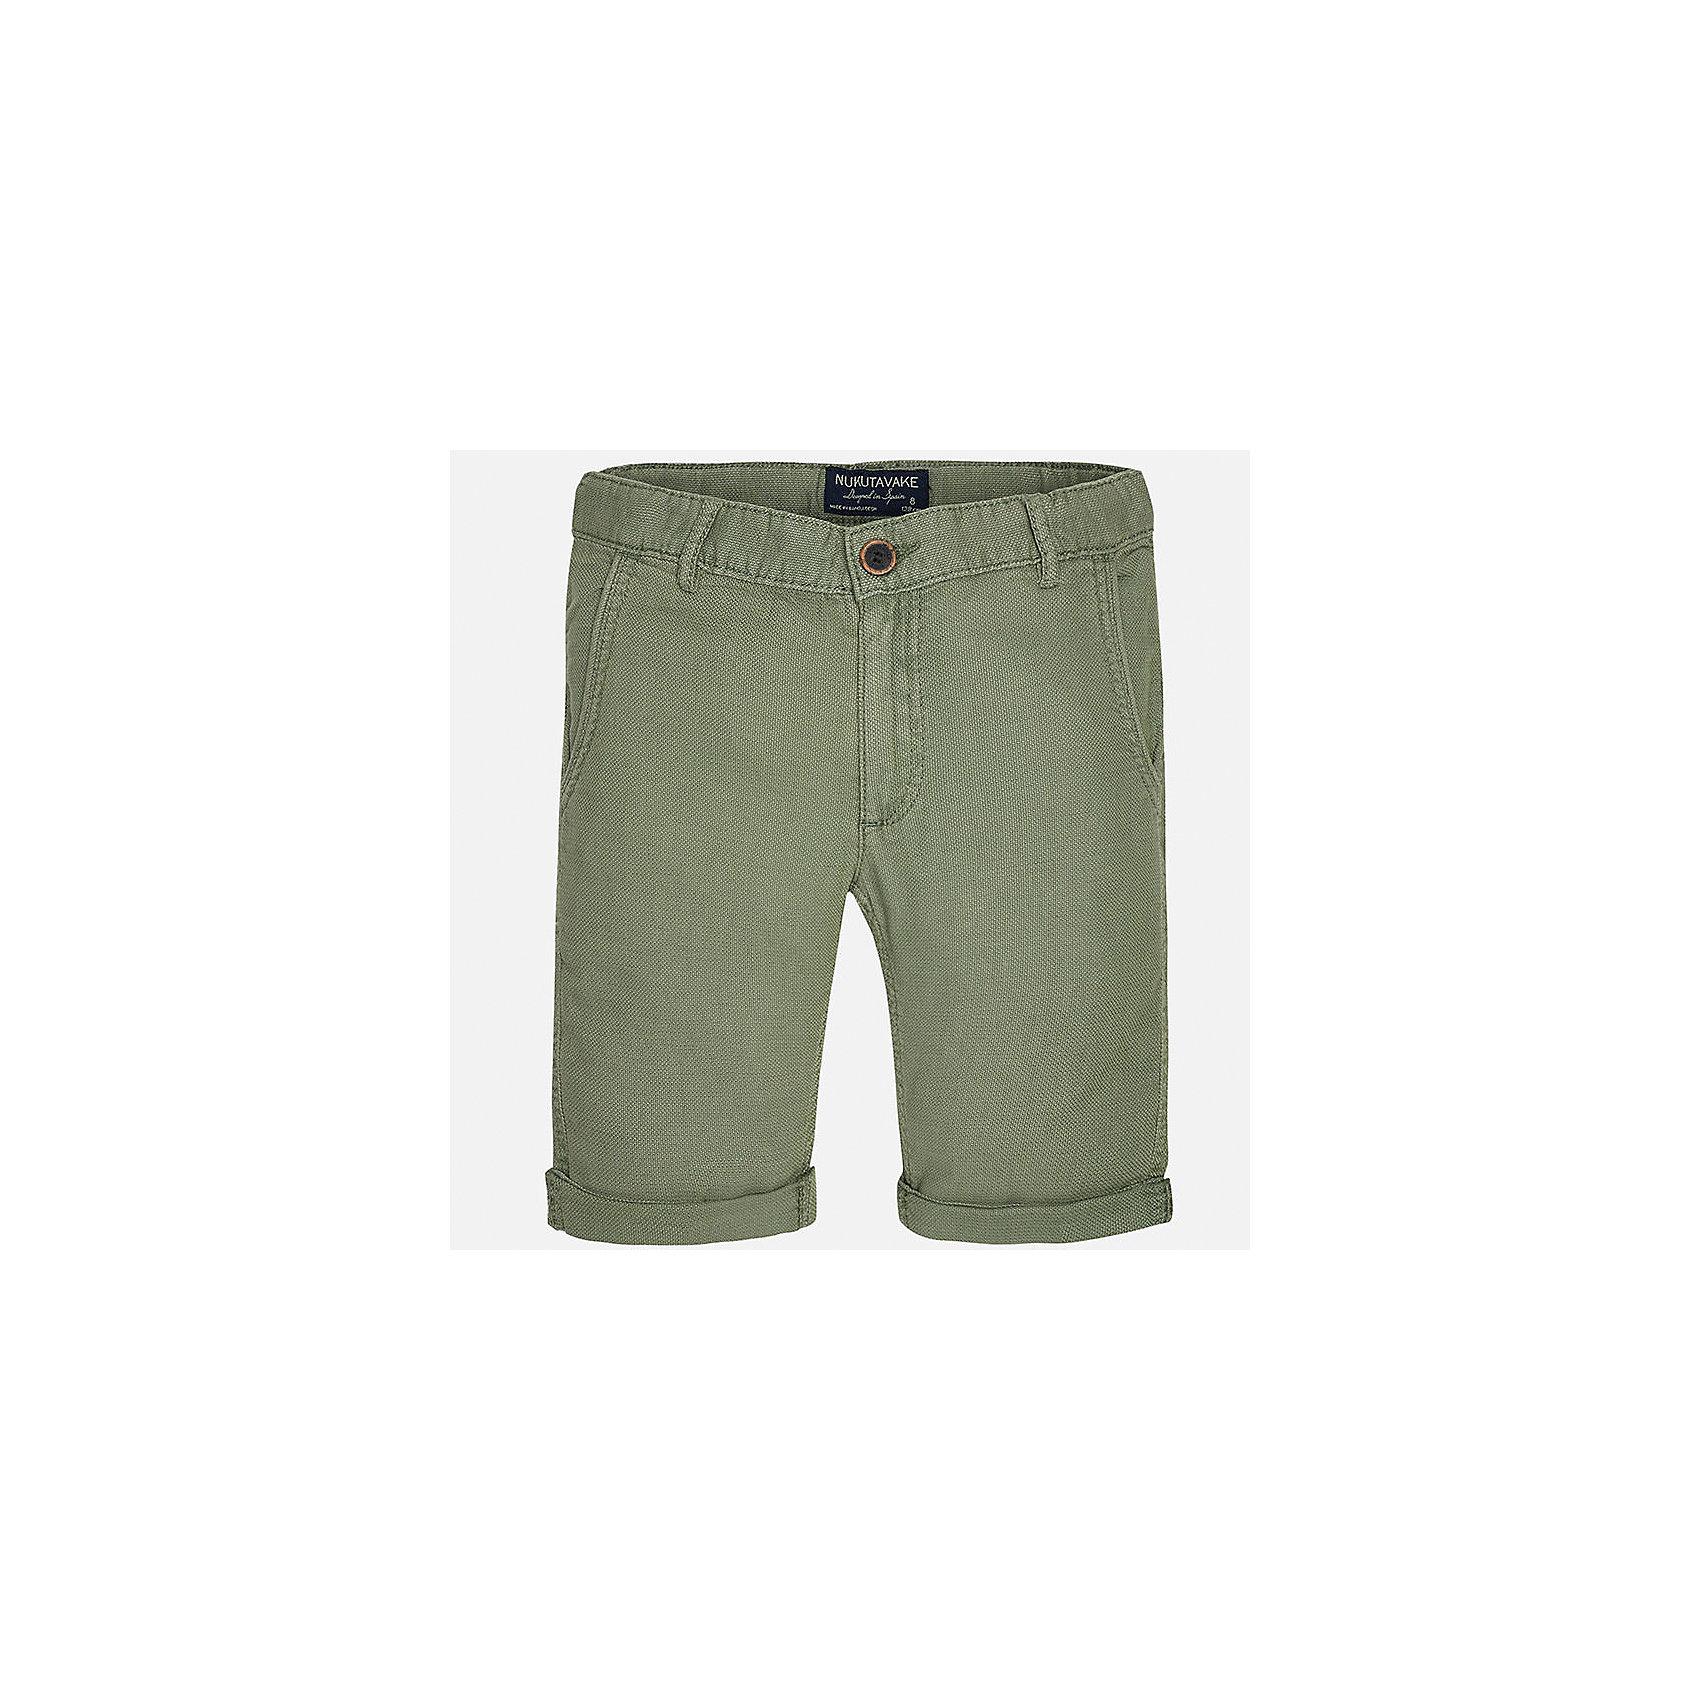 Бриджи для мальчика MayoralШорты, бриджи, капри<br>Характеристики товара:<br><br>• цвет: зеленый<br>• состав: 100% хлопок<br>• шлевки<br>• карманы<br>• пояс с регулировкой объема<br>• средняя длина<br>• страна бренда: Испания<br><br>Стильные шорты для мальчика смогут стать базовой вещью в гардеробе ребенка. Они отлично сочетаются с майками, футболками, рубашками и т.д. Универсальный крой и цвет позволяет подобрать к вещи верх разных расцветок. Практичное и стильное изделие! В составе материала - натуральный хлопок, гипоаллергенный, приятный на ощупь, дышащий.<br><br>Одежда, обувь и аксессуары от испанского бренда Mayoral полюбились детям и взрослым по всему миру. Модели этой марки - стильные и удобные. Для их производства используются только безопасные, качественные материалы и фурнитура. Порадуйте ребенка модными и красивыми вещами от Mayoral! <br><br>Шорты для мальчика от испанского бренда Mayoral (Майорал) можно купить в нашем интернет-магазине.<br><br>Ширина мм: 191<br>Глубина мм: 10<br>Высота мм: 175<br>Вес г: 273<br>Цвет: зеленый<br>Возраст от месяцев: 132<br>Возраст до месяцев: 144<br>Пол: Мужской<br>Возраст: Детский<br>Размер: 158,152,140,128/134,170,164<br>SKU: 5281769